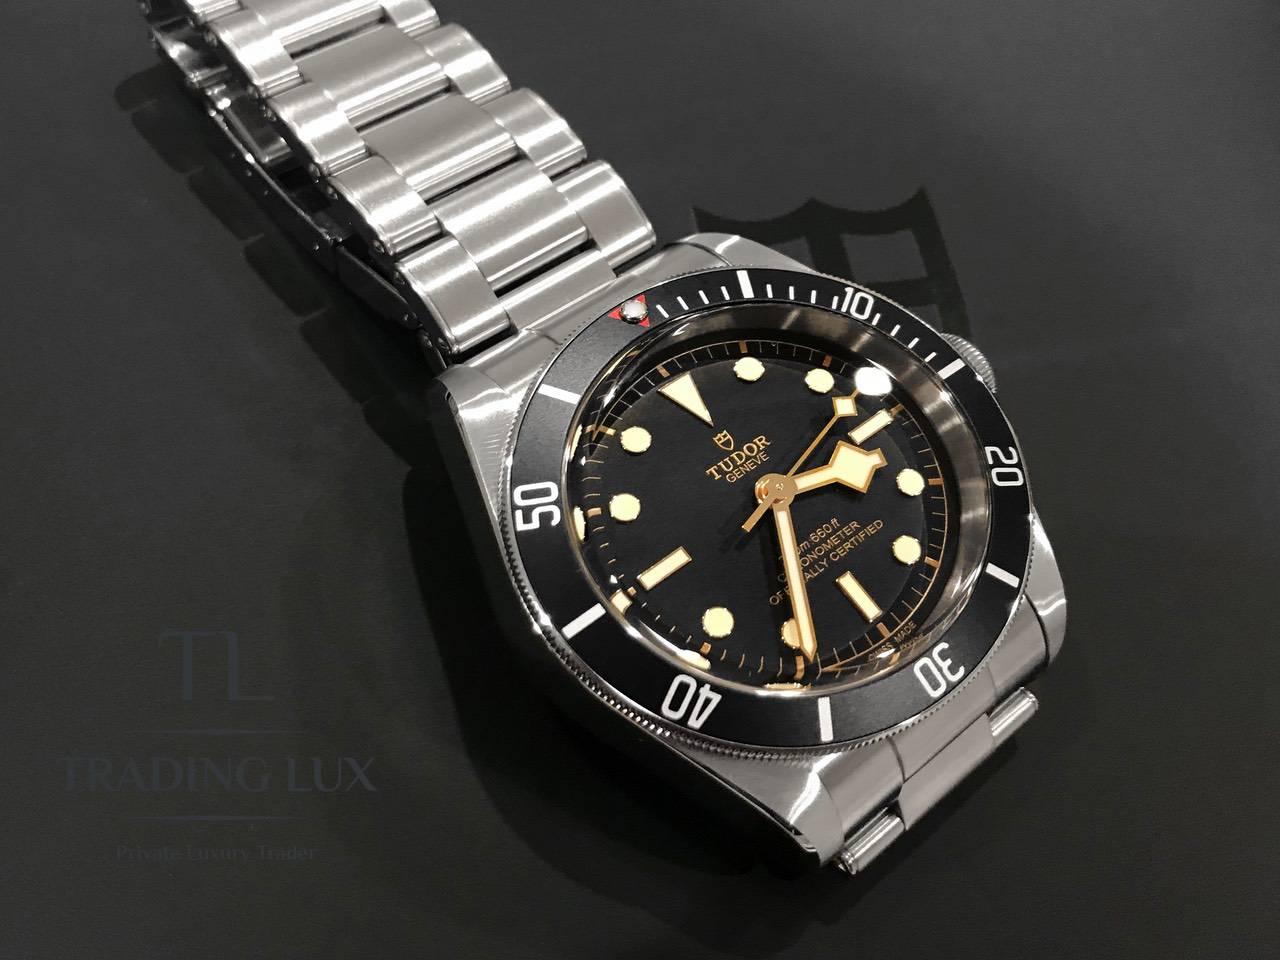 Tudor-Black-Bay-79230N-2